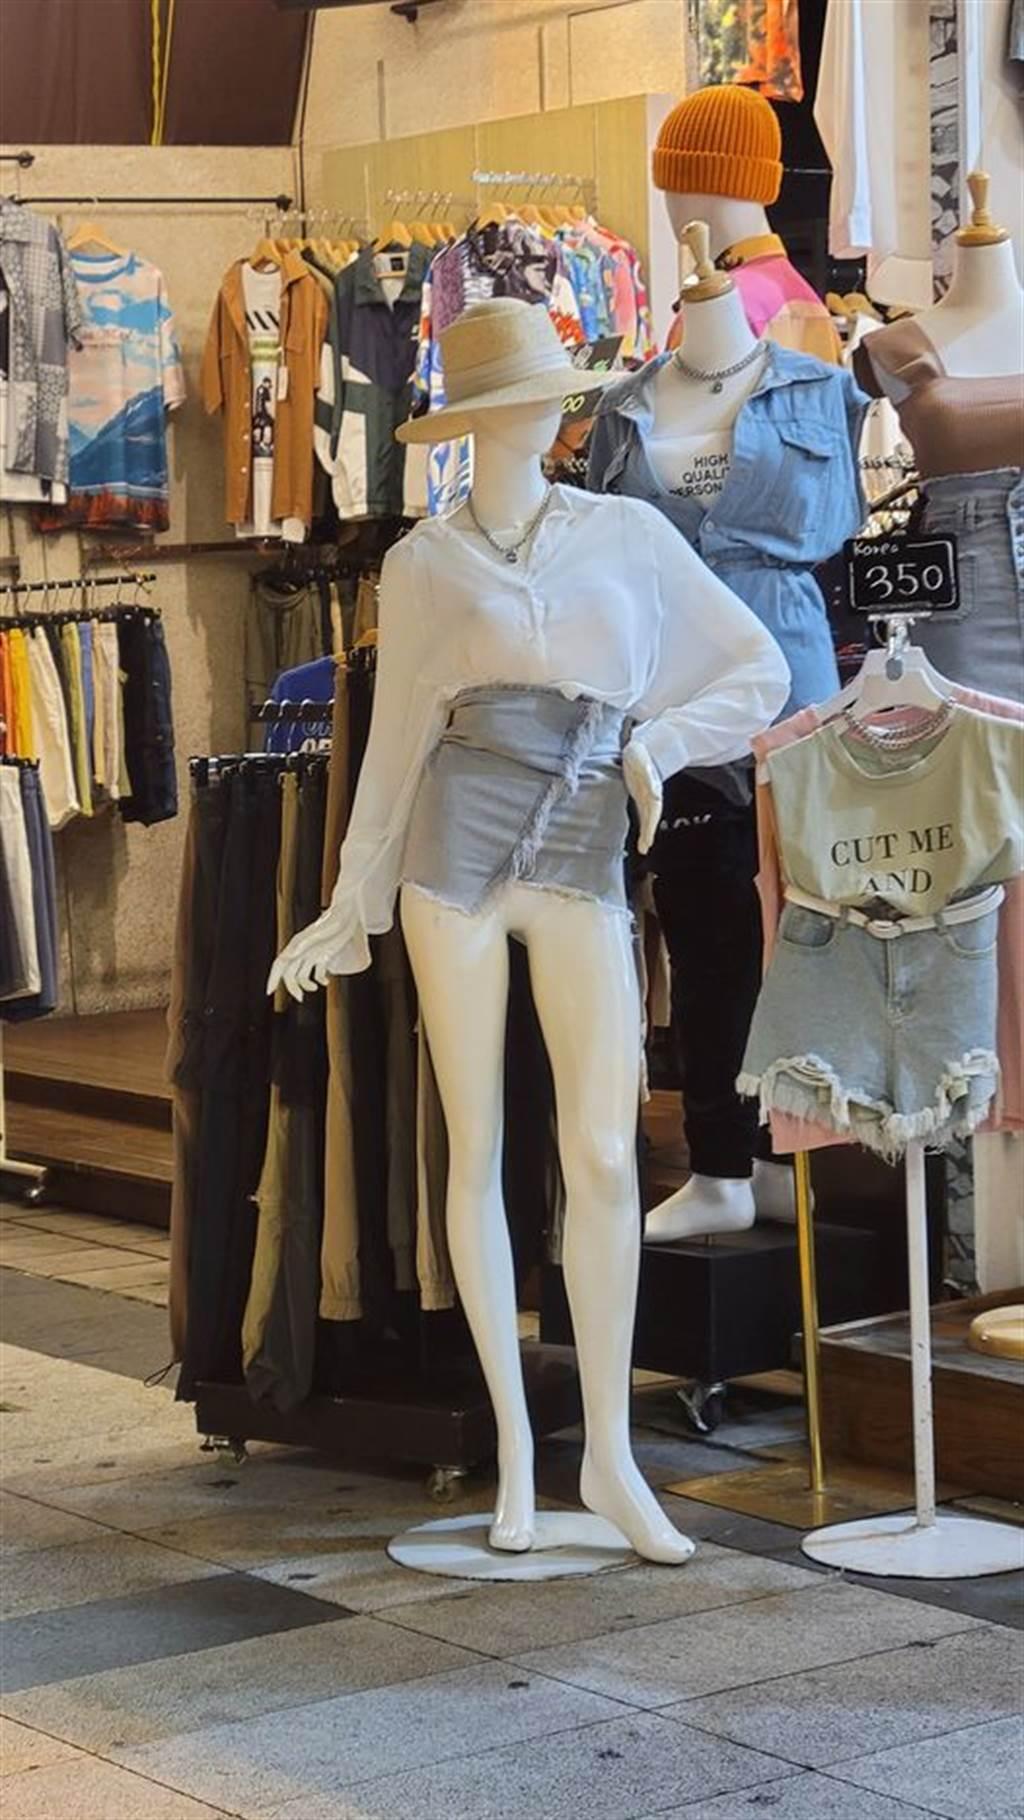 網友直擊1間服飾店為了展示高腰短裙能呈現修長美腿,為人形模特兒換上短裙後,直接將短裙拉到立牌模特兒胸部下方,將模特兒的私密處展示出來。(翻攝自臉書「路上觀察學院」)